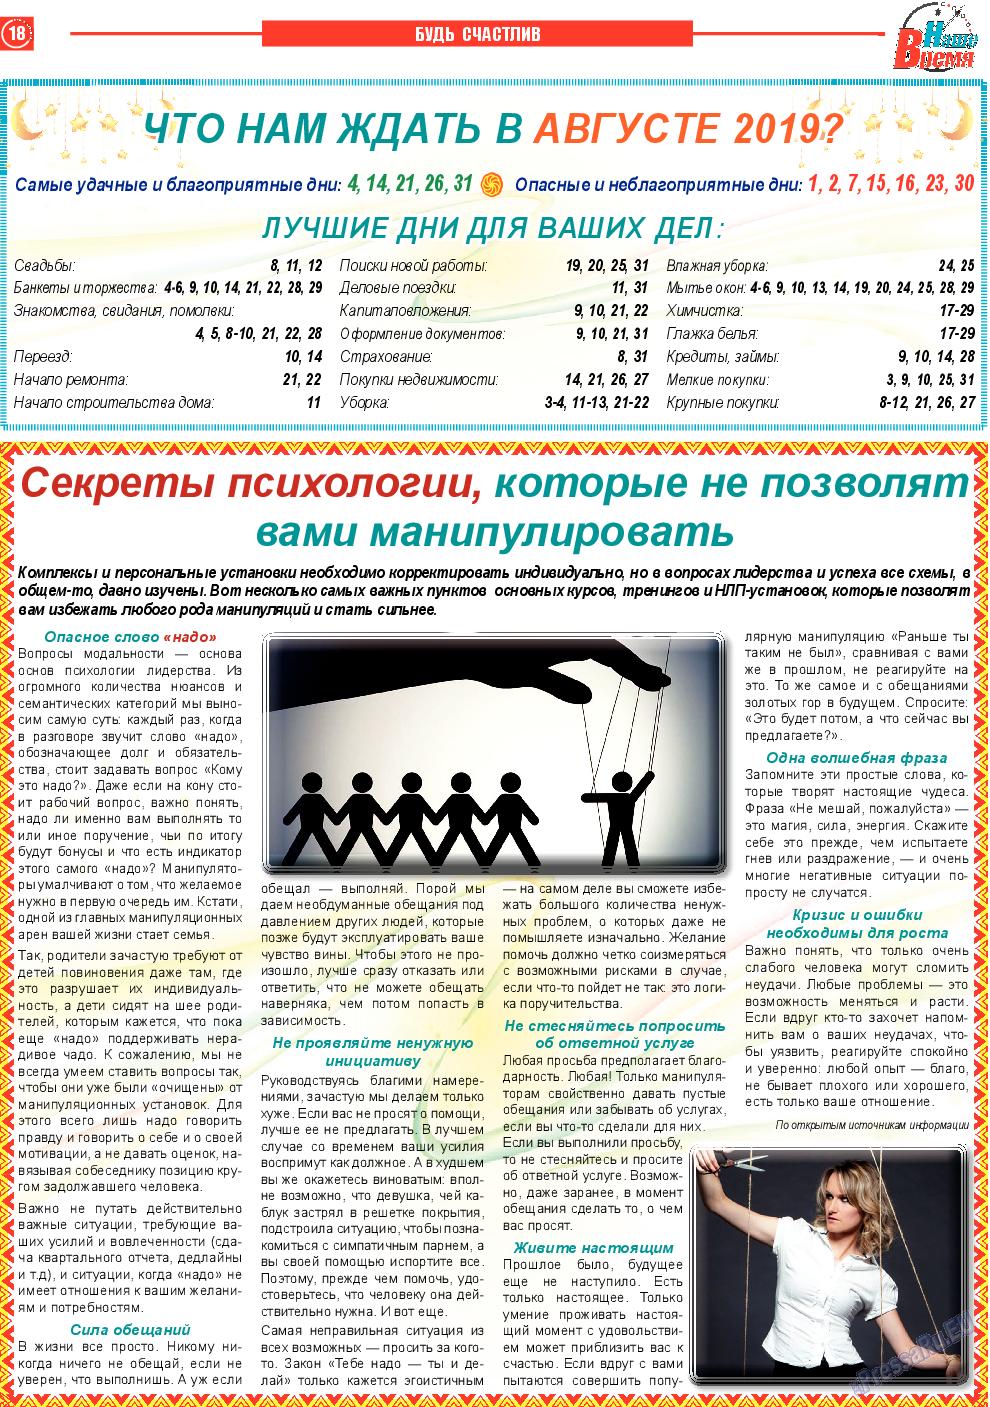 Наше время (газета). 2019 год, номер 8, стр. 18